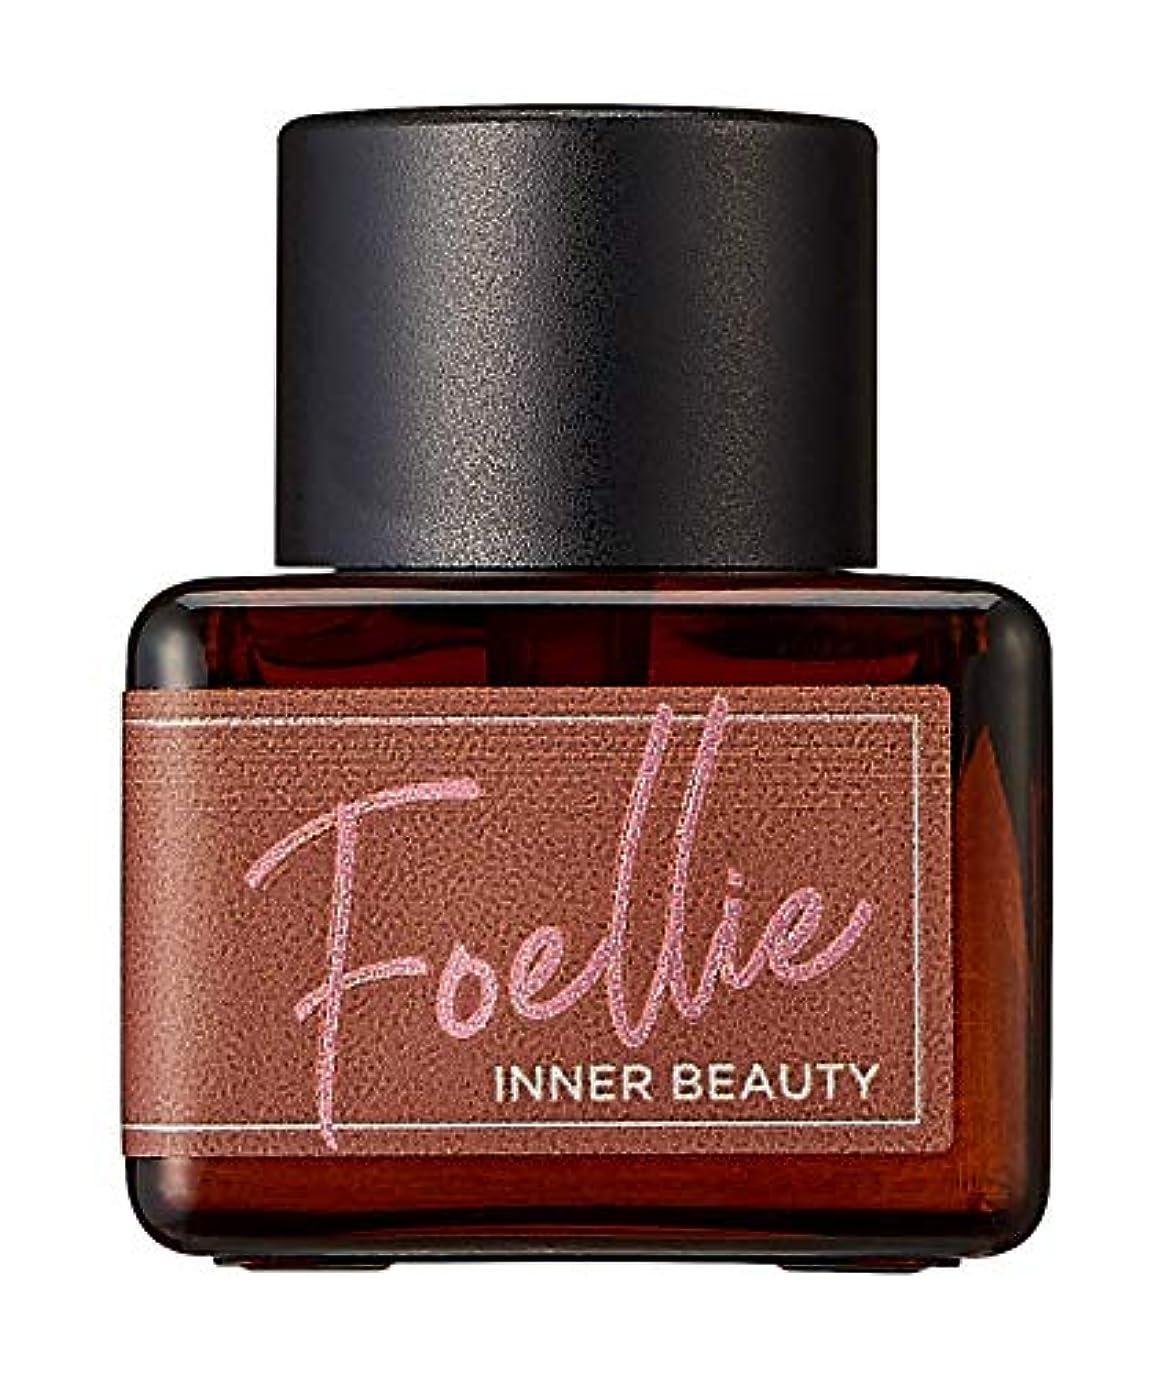 ありふれた安全な原理[フォエリー(FOELLIE)] eau de foret オードフォーレ – フェミニン、インナービューティー香水(下着用)、ウッディで爽快な森林のような香水 5ml(0.169 fl oz)